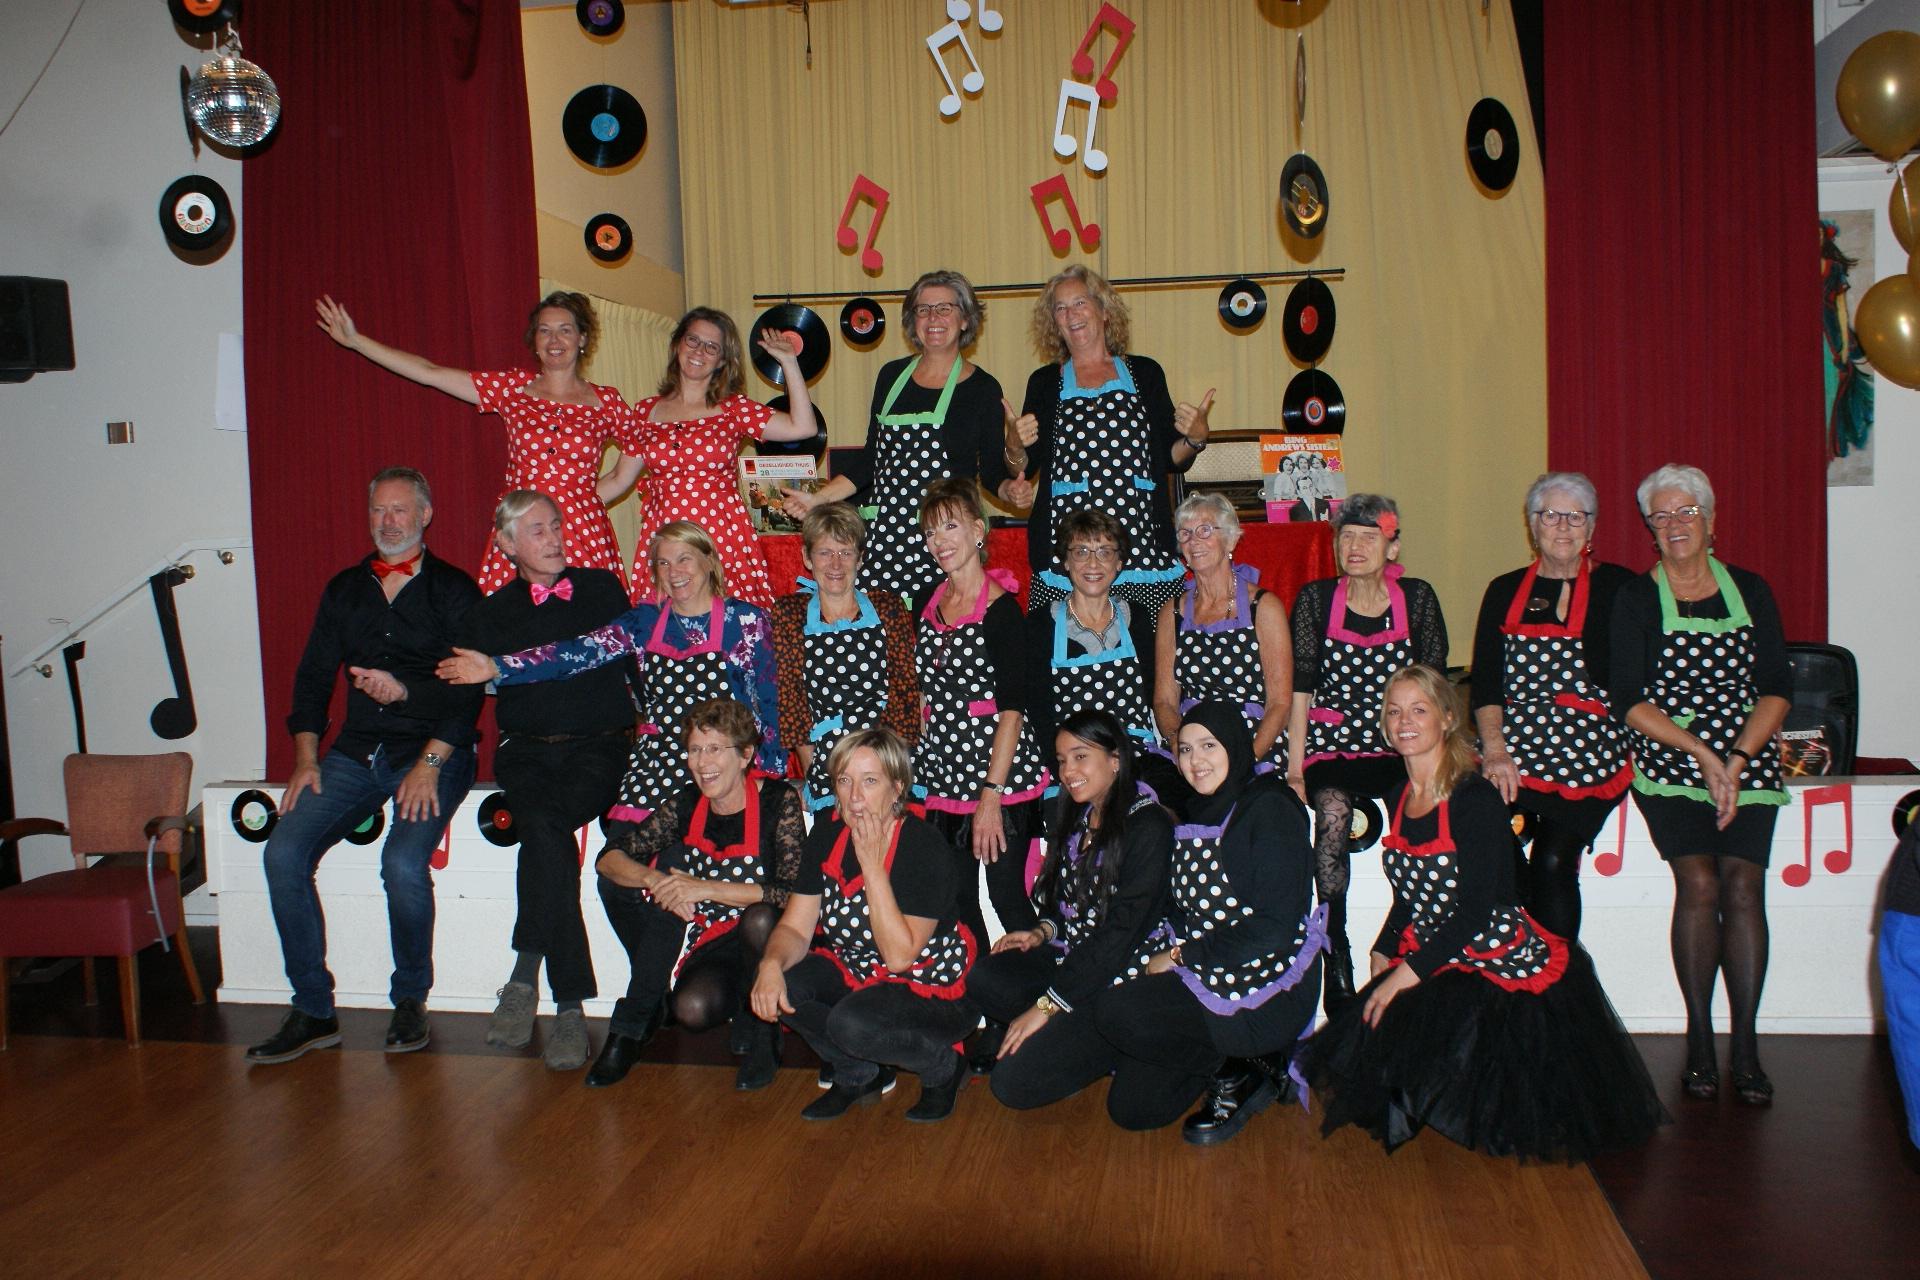 Geweldige opkomst dansfeest voor ouderen